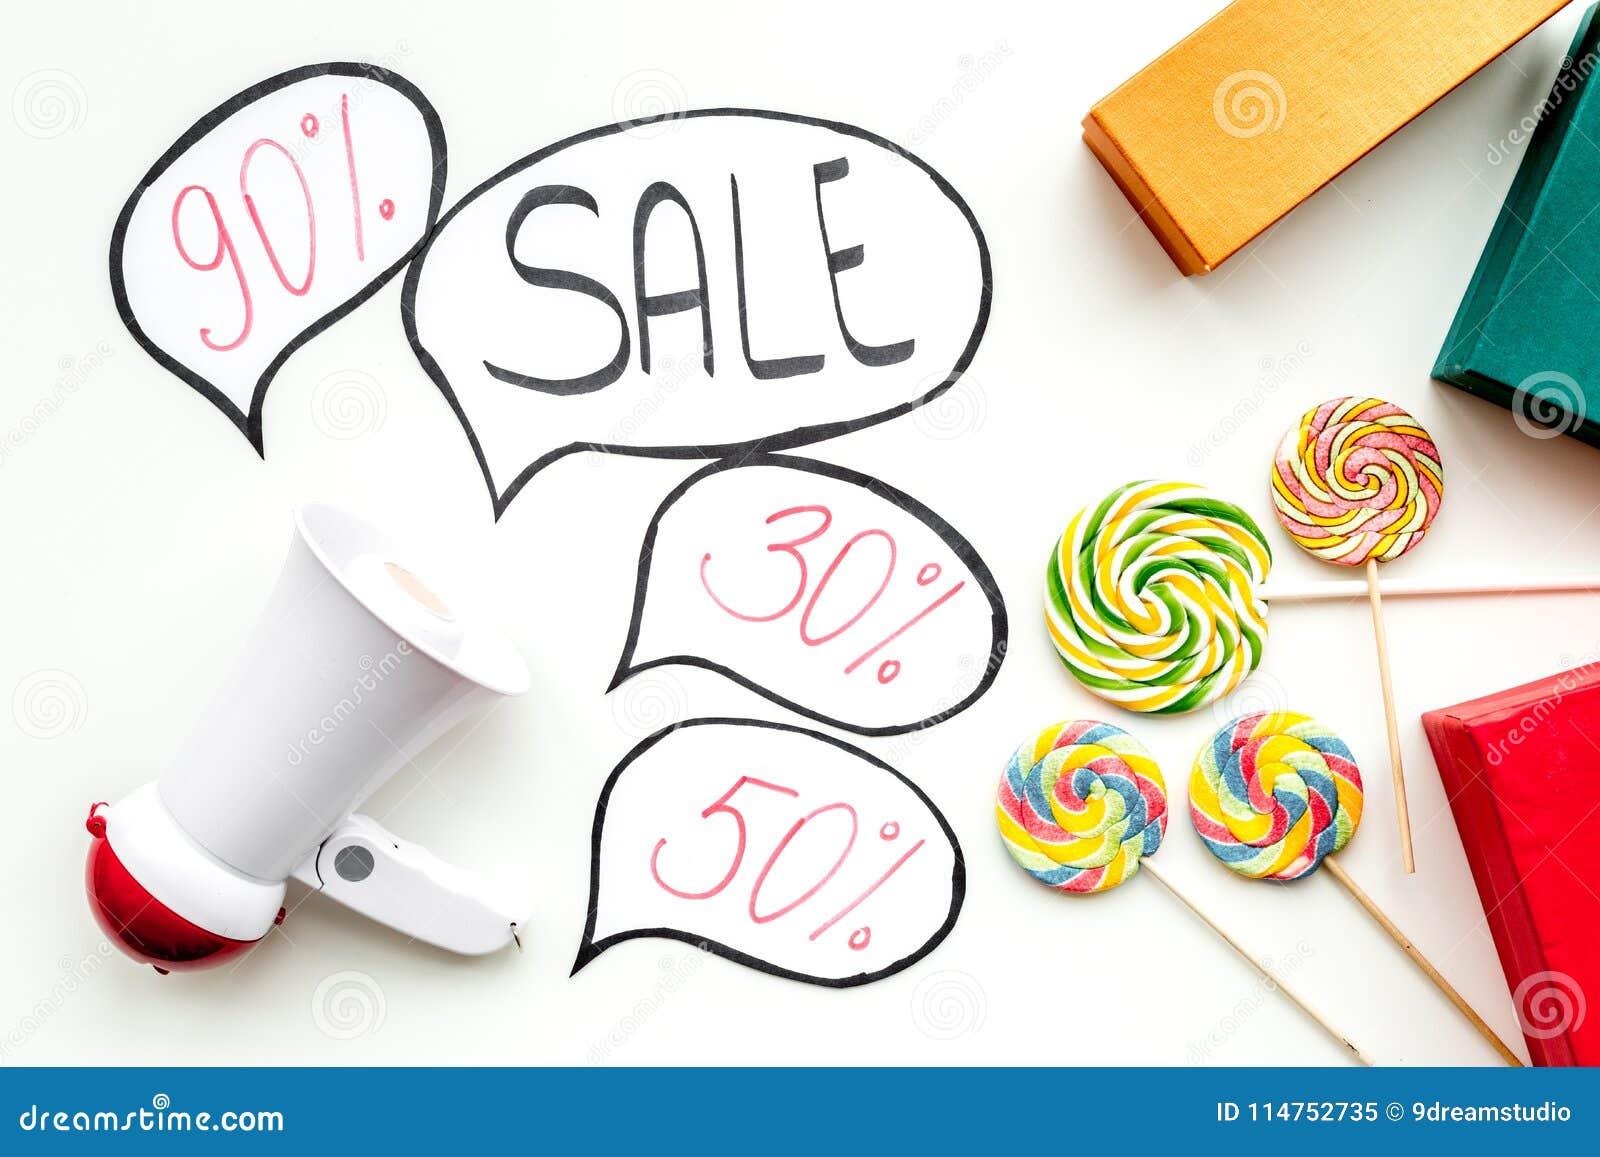 Verkoopconcept met megafoon Verklaar de verkoop Elektronische megafoon dichtbij woordverkoop in wolk, giftdozen en snoepjes